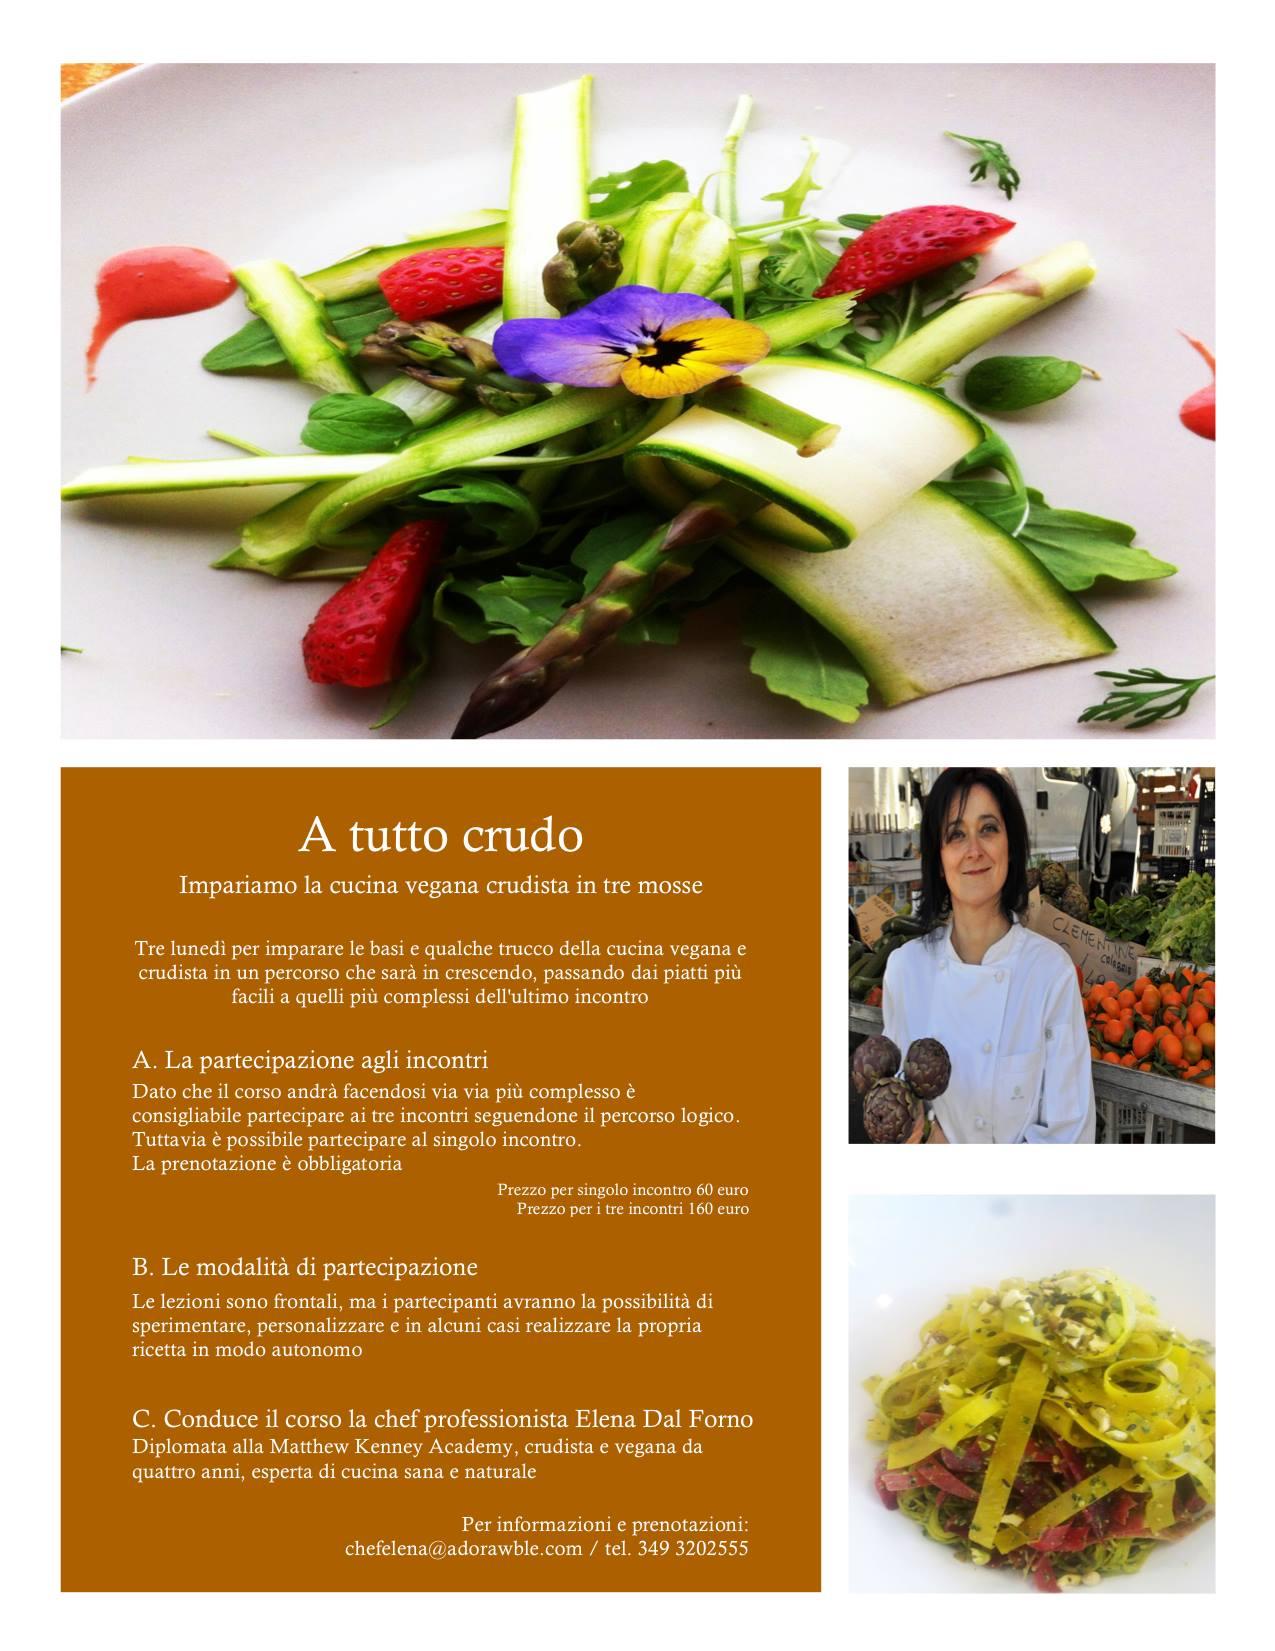 Ristoranti Veg Ristoranti E Locali Con Cucina Vegetariana O Vegana In Italia Inoltre Corsi E Piatti Vegetariani E Vegani